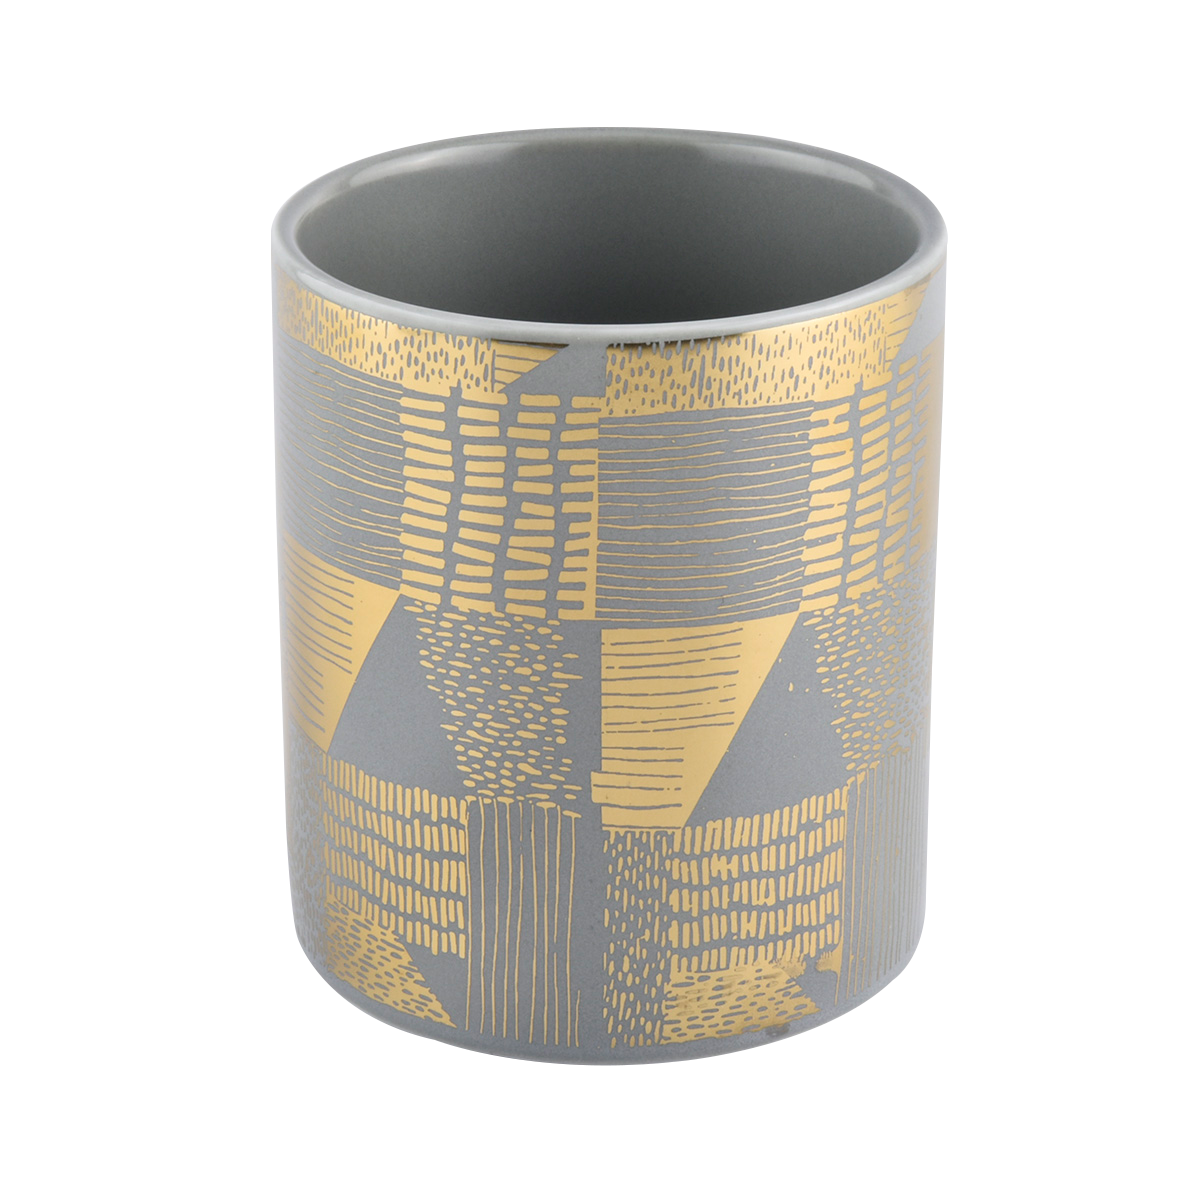 home decor pink ceramic candle holder with gold artwork - COPY - gemnlg